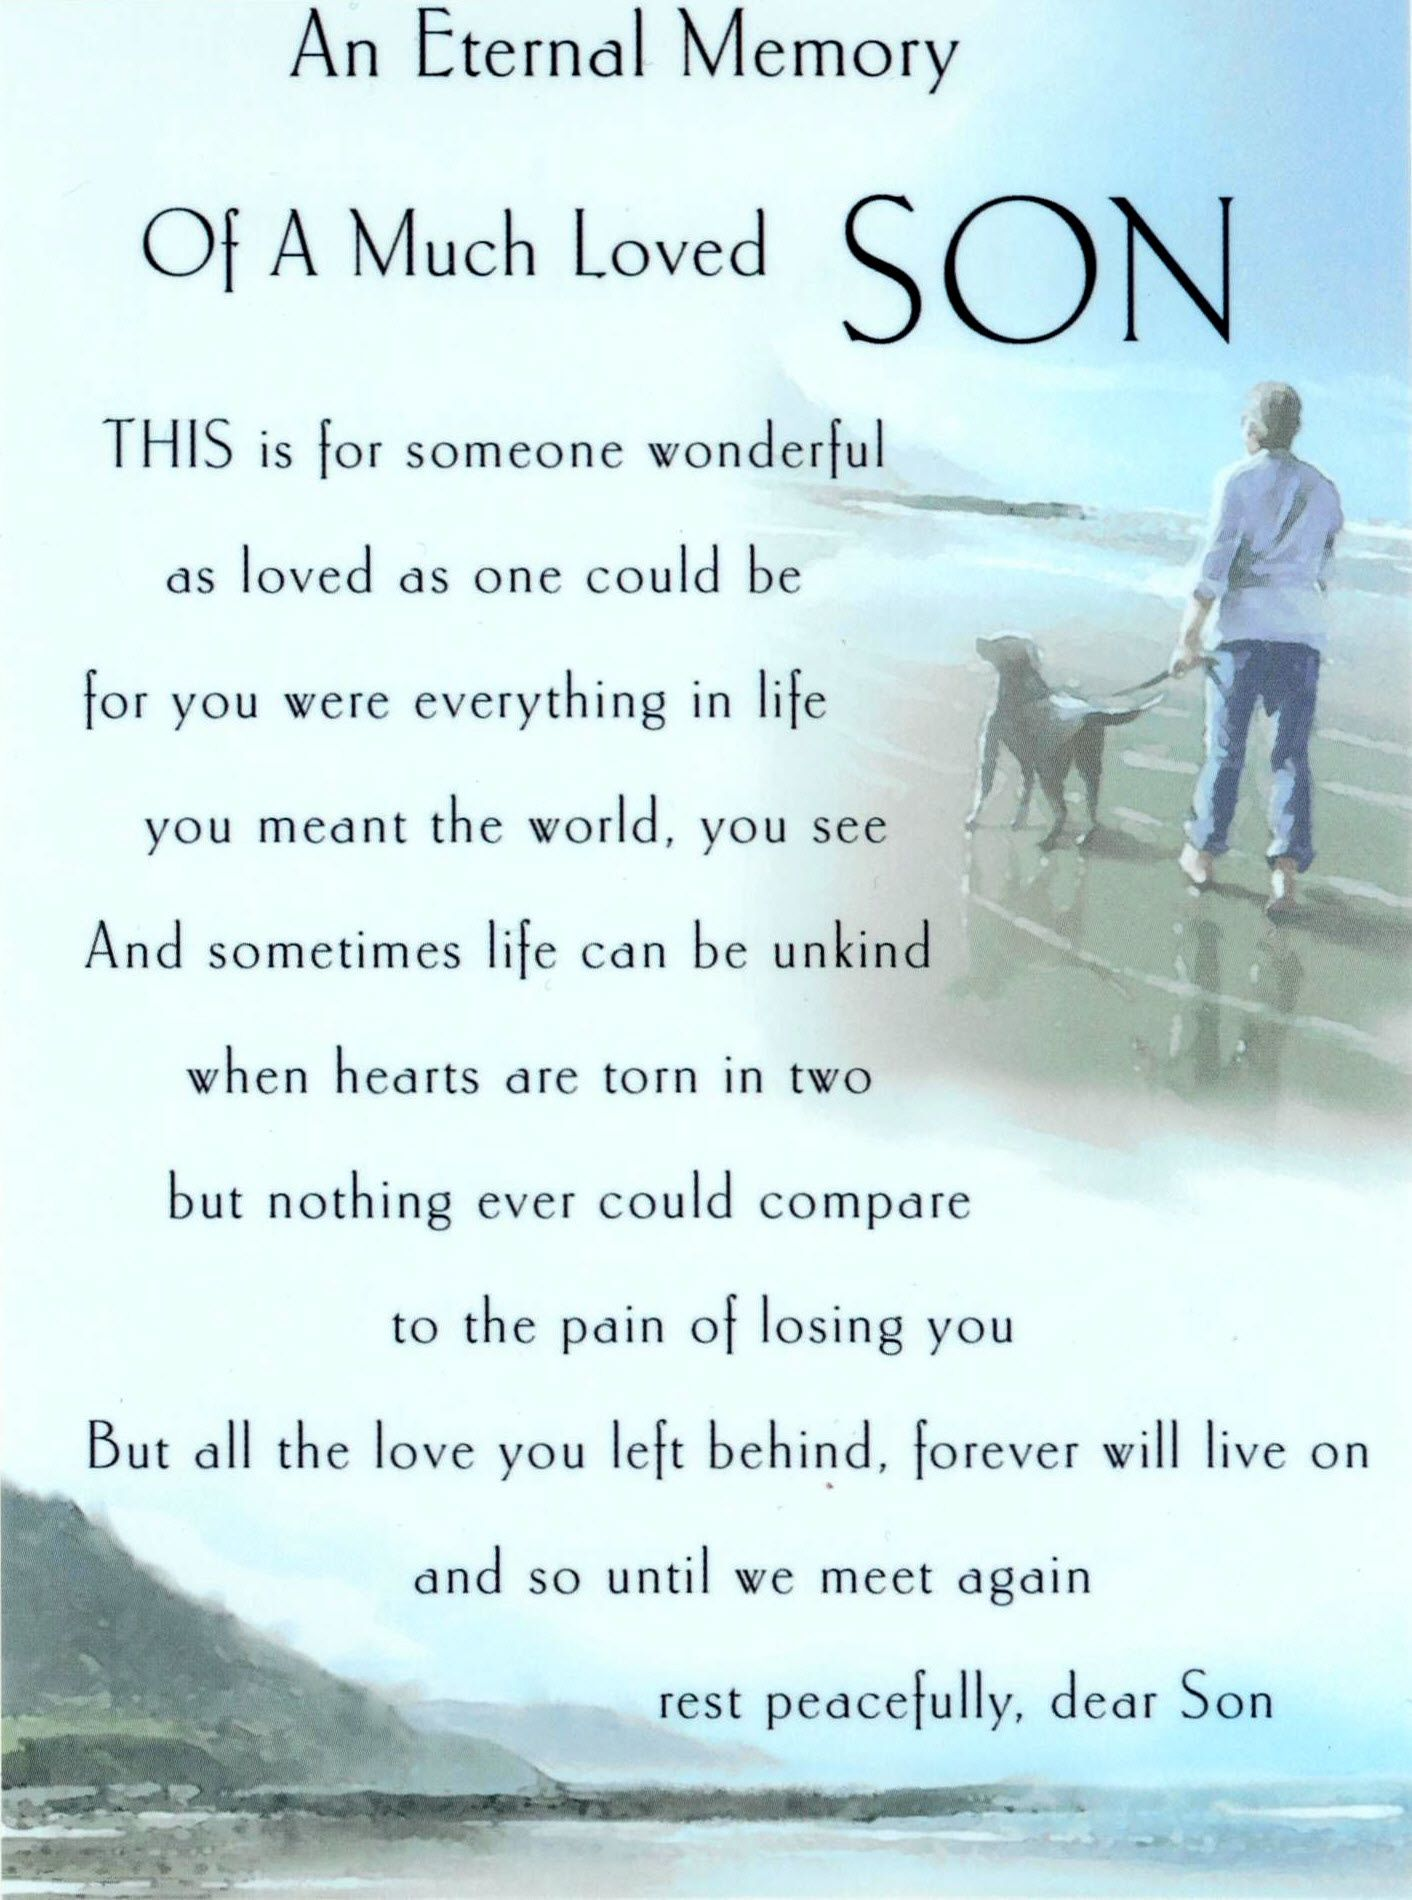 Pin On In Memory Of My Son John Paul Librandi